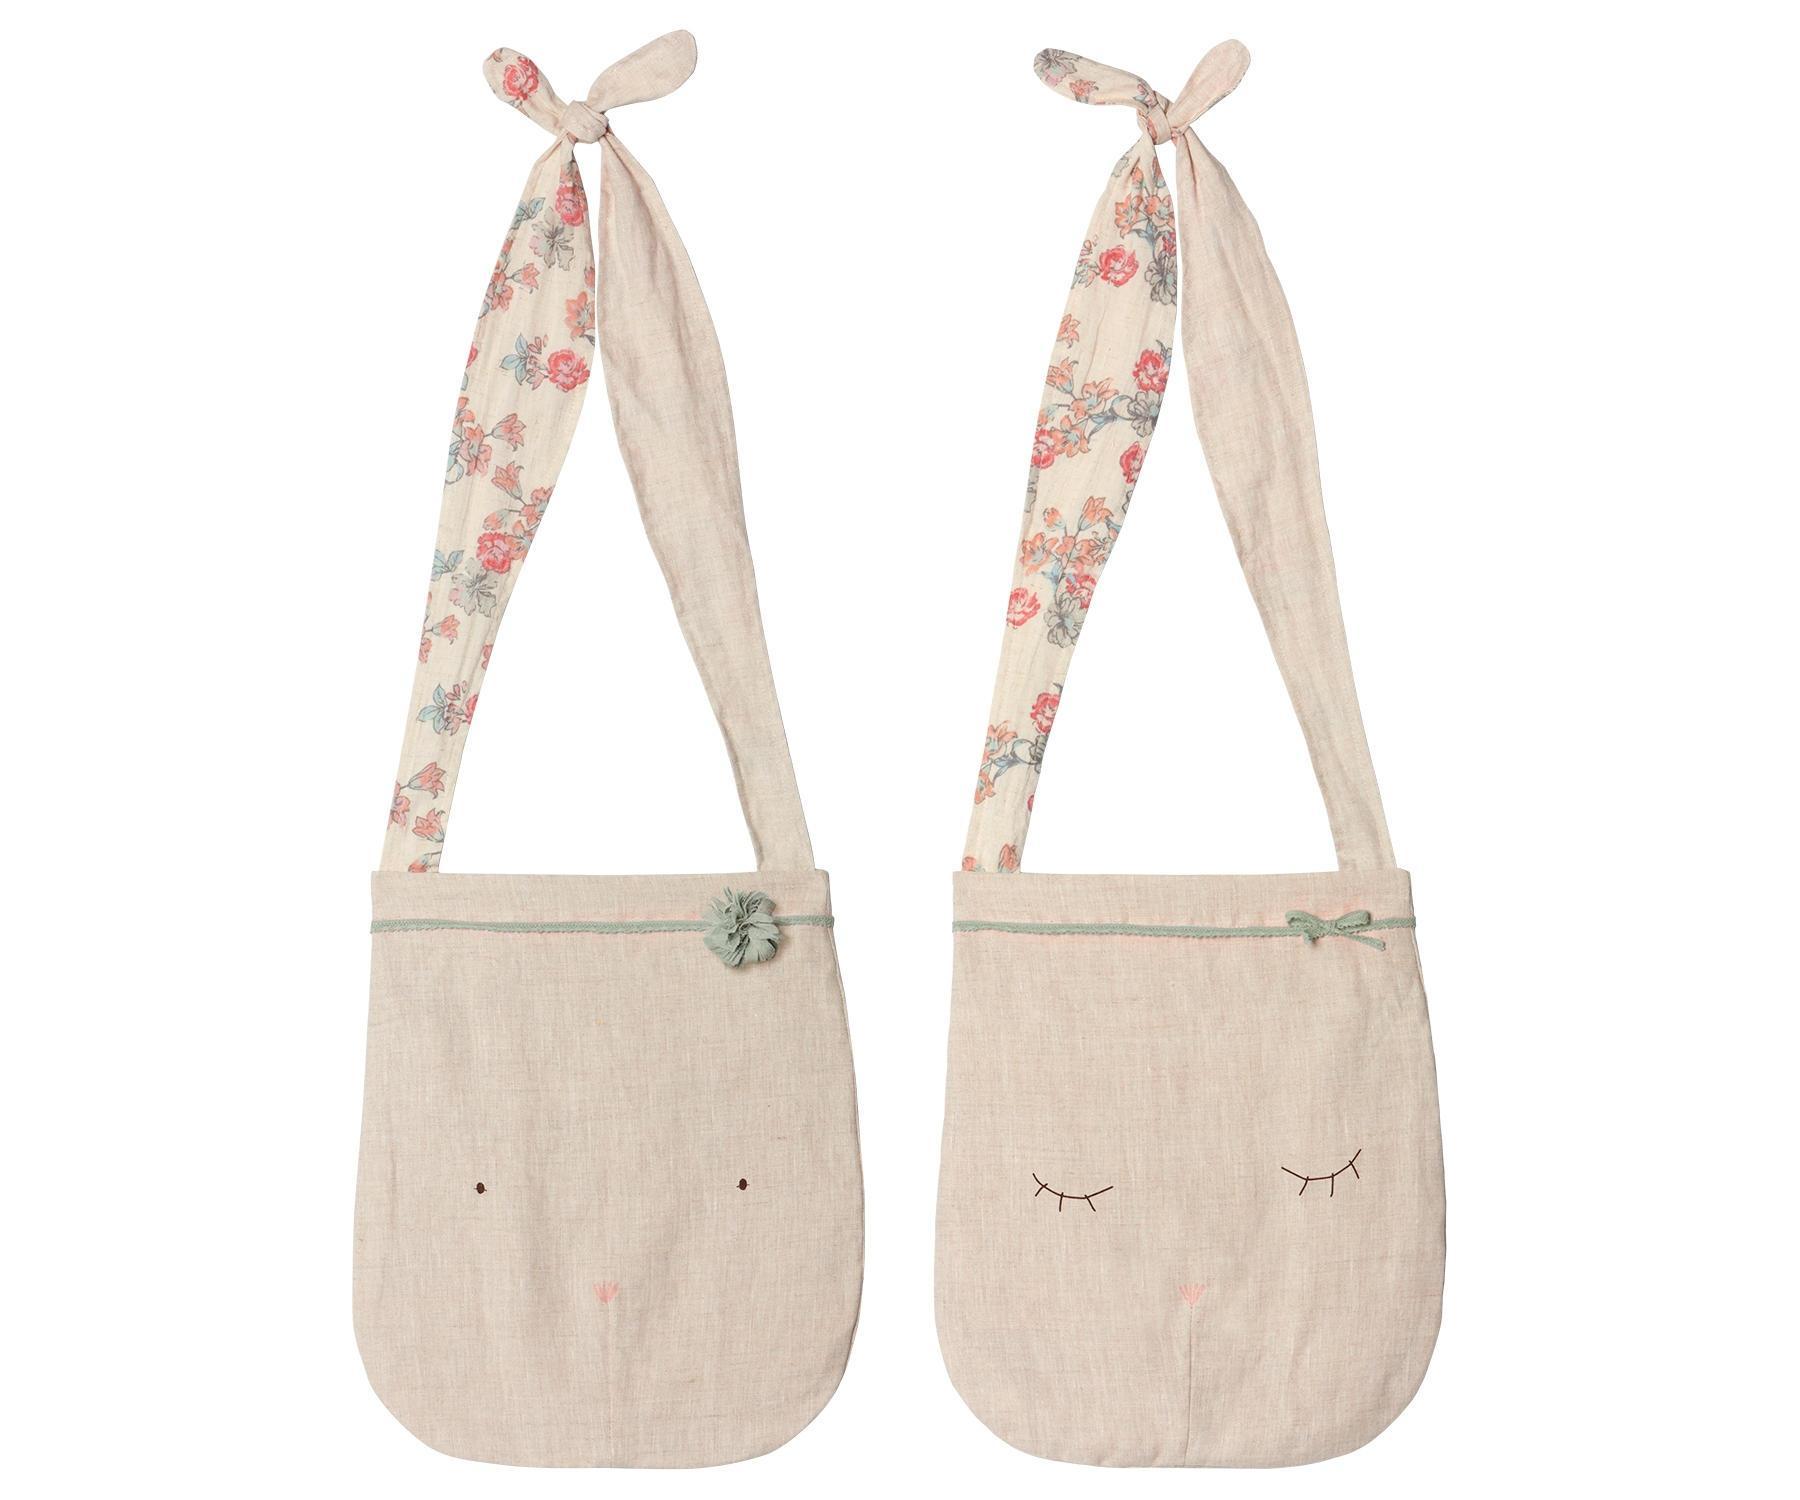 Maileg Dětská lněná taška Sleepy Bunny, béžová barva, textil